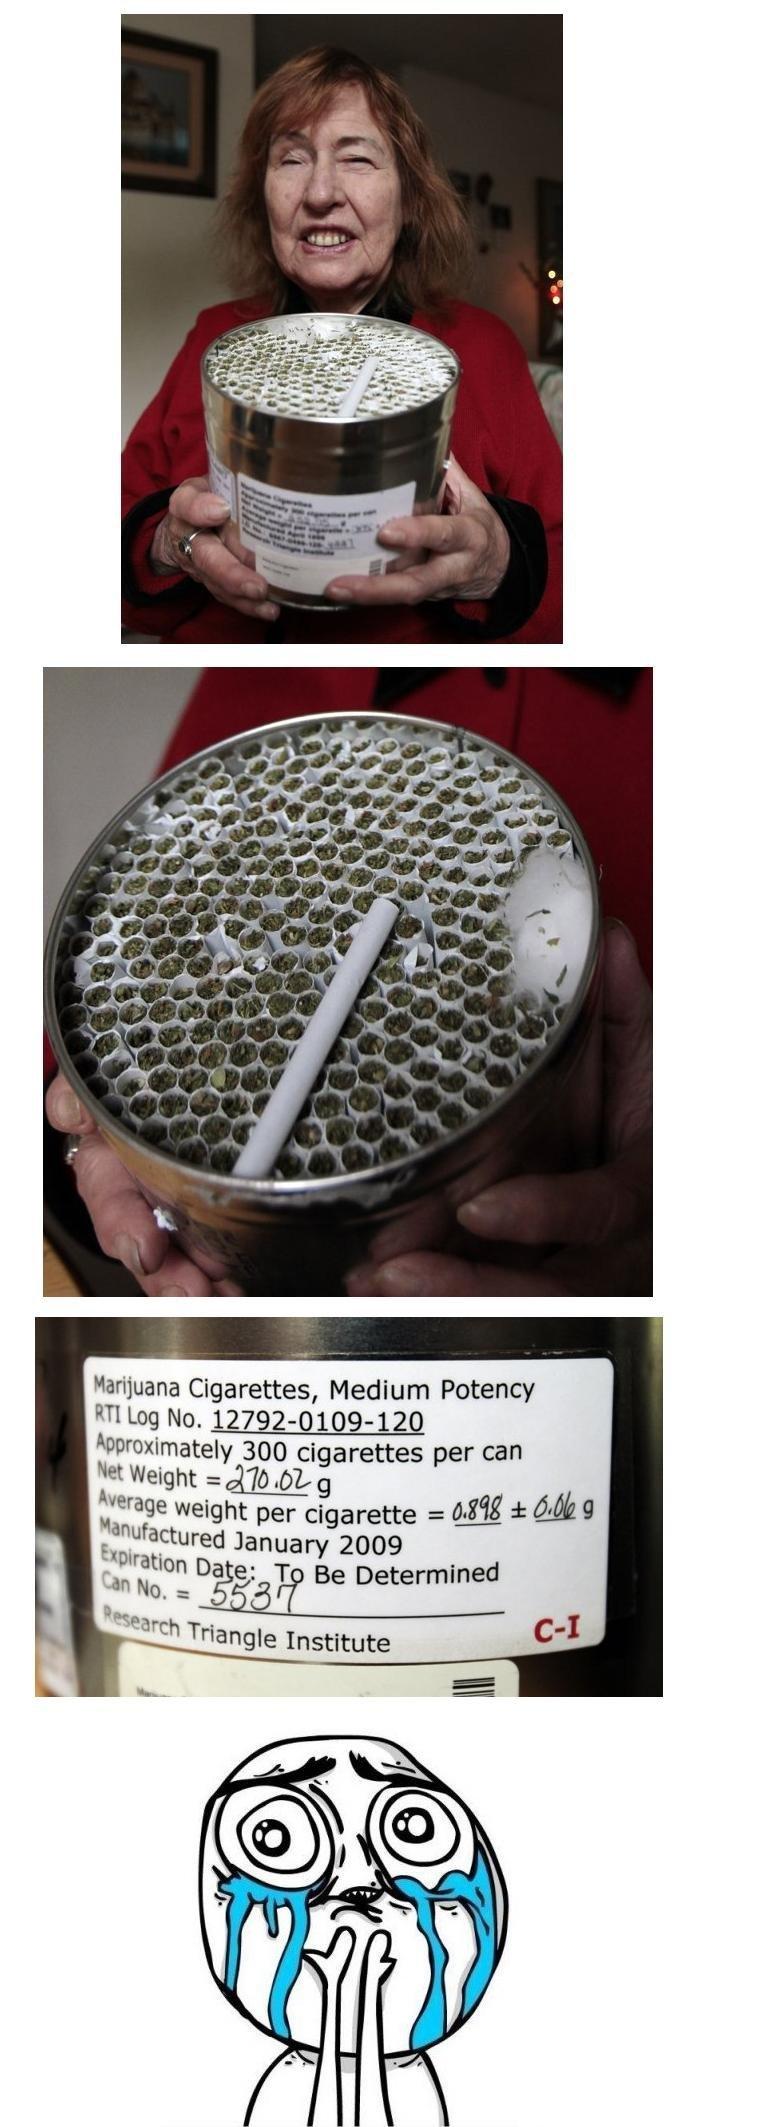 Yesterday. Today. marijuana Cigarettes, Medium Potency approximated tomorrow